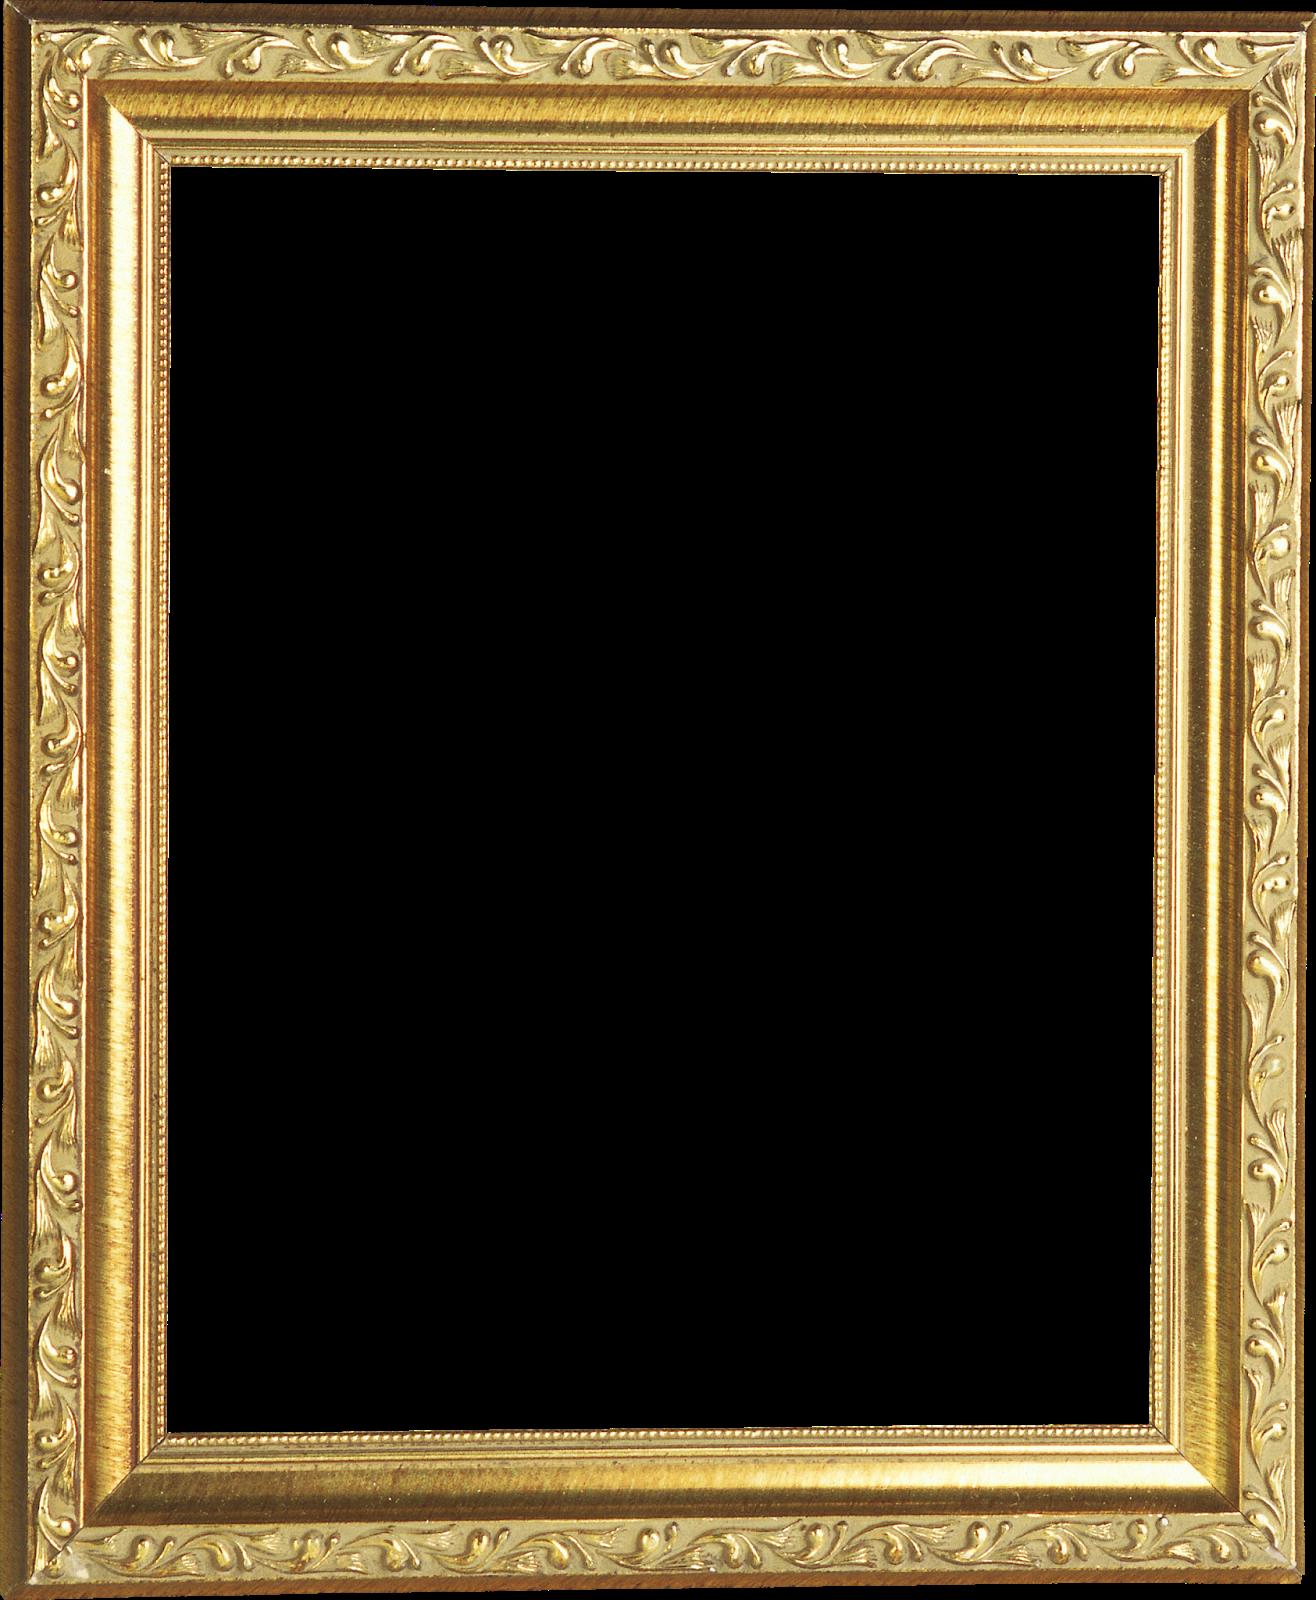 Fondos de pantalla y mucho m s marcos para fotos de - Transferir fotos a madera ...